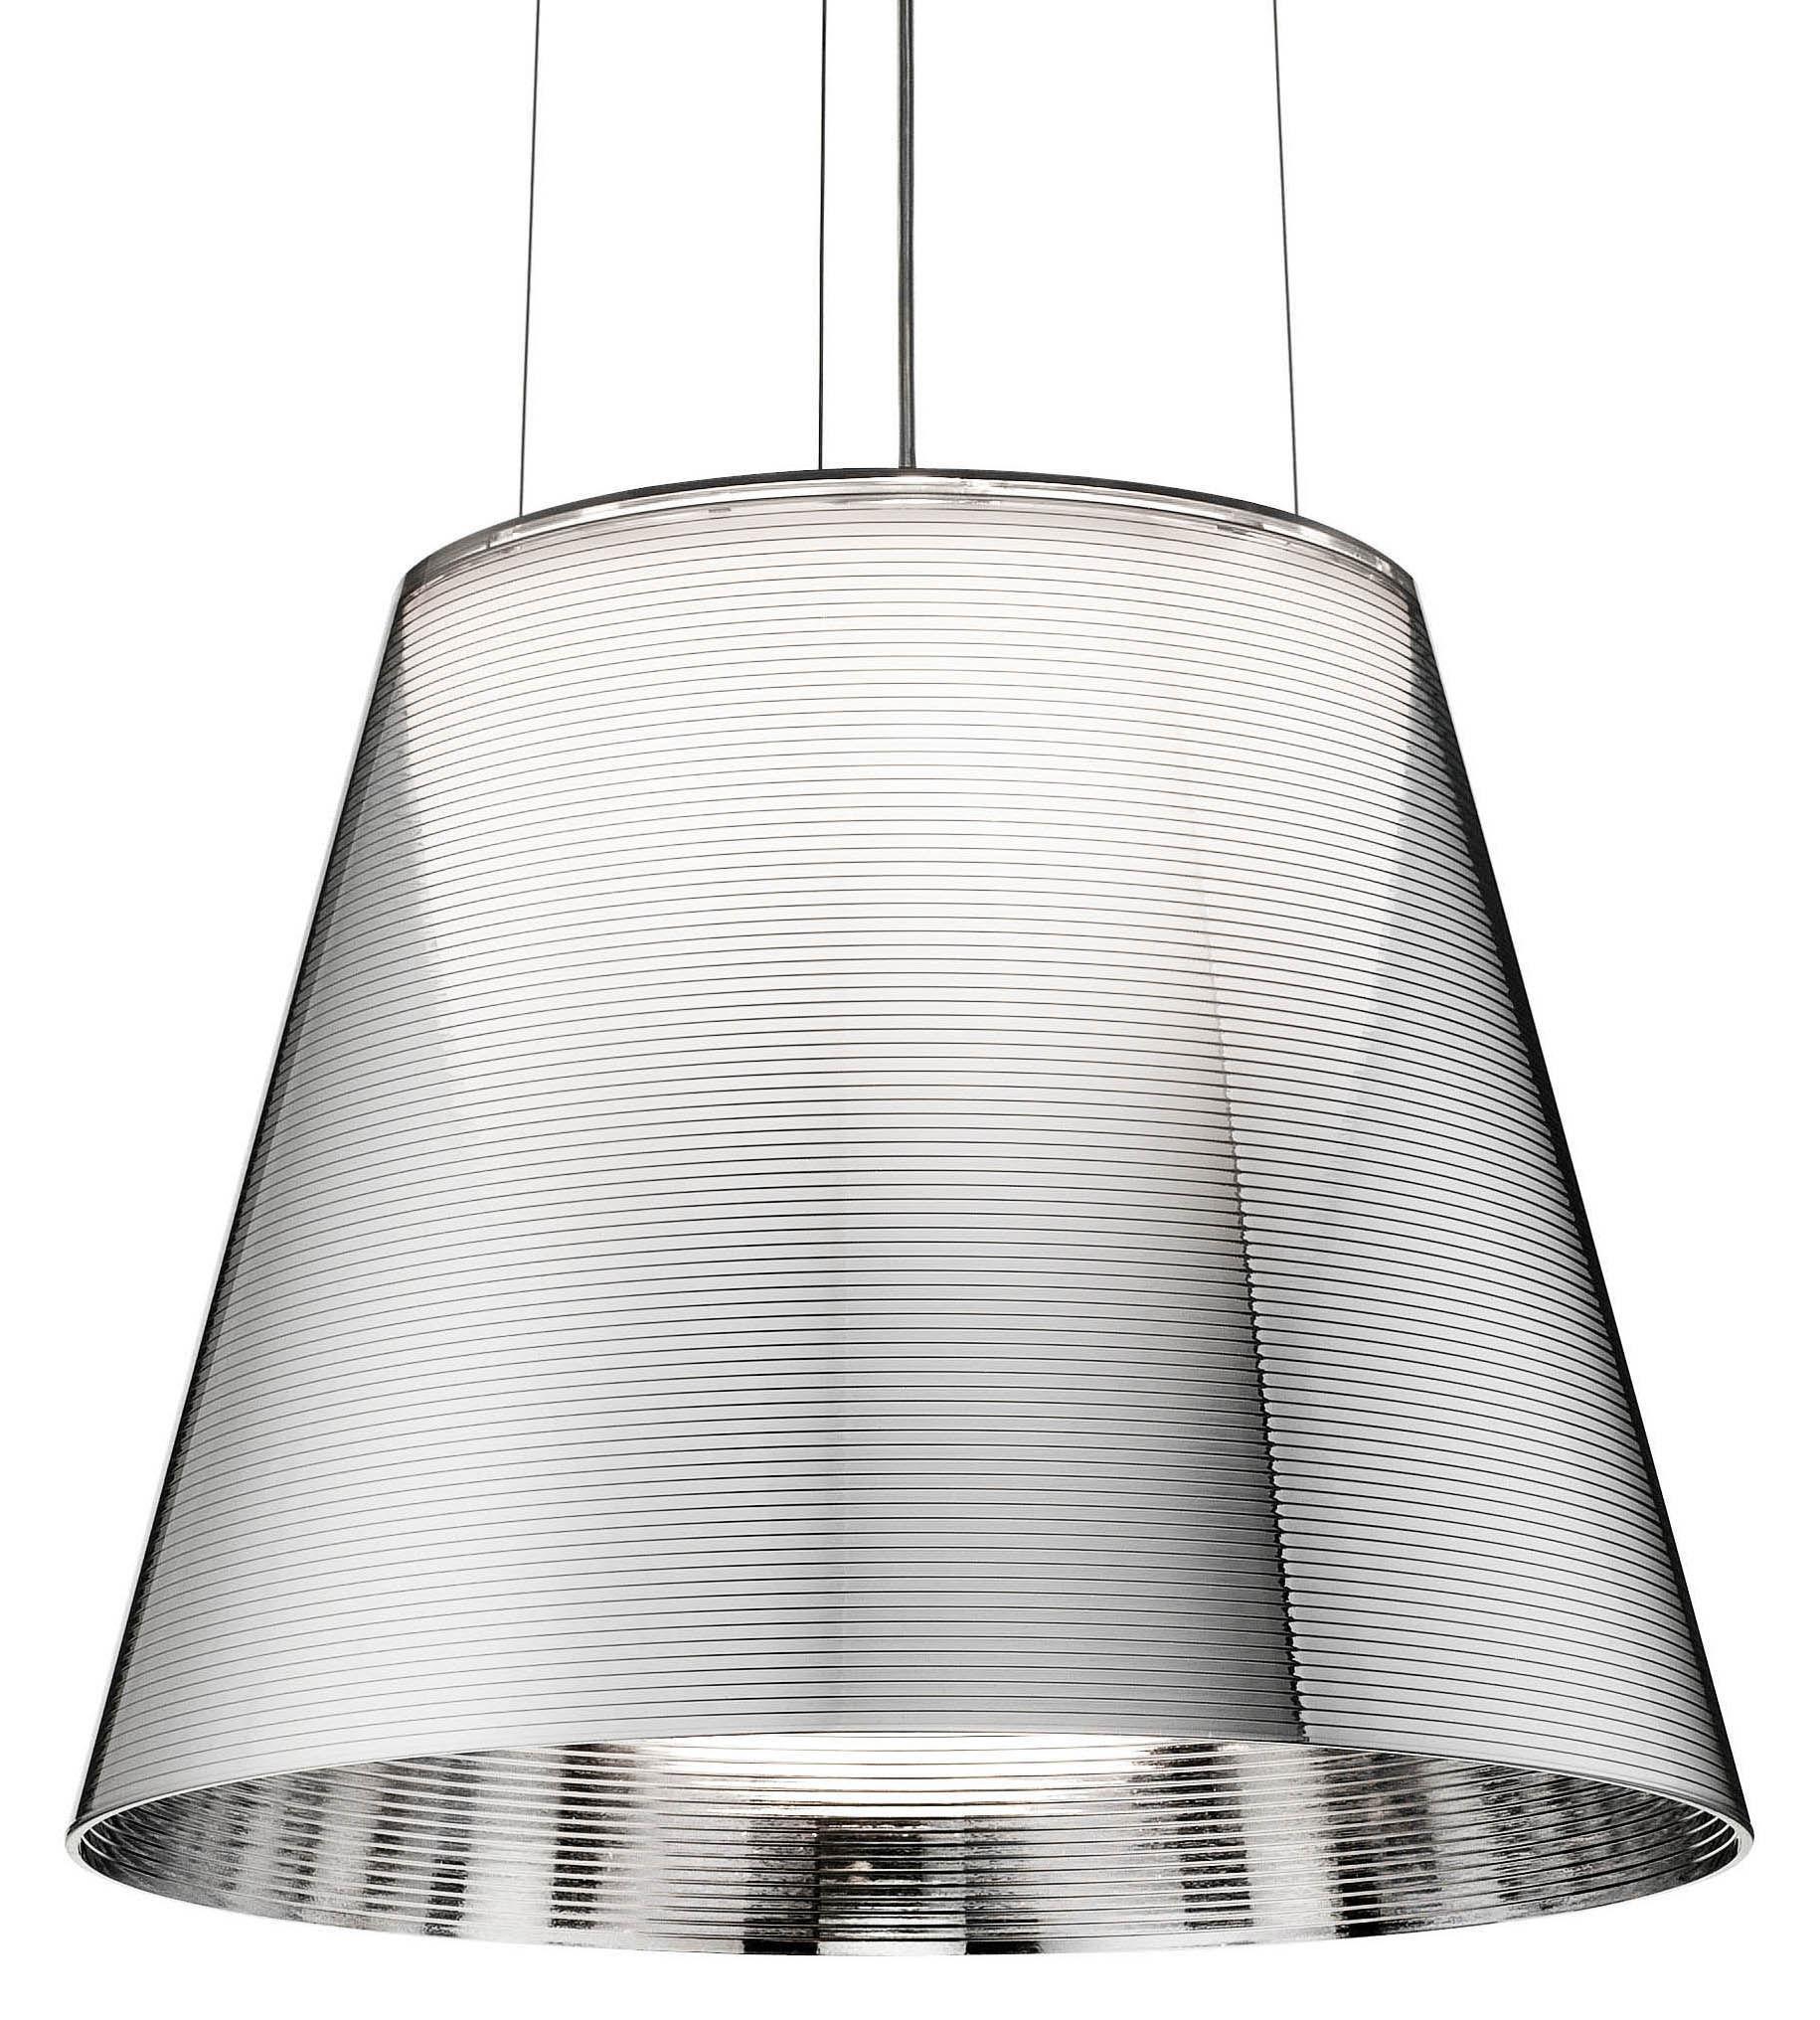 Luminaire - Suspensions - Suspension K Tribe S2 Ø 39.5 cm - Flos - Argent métallisé - PMMA